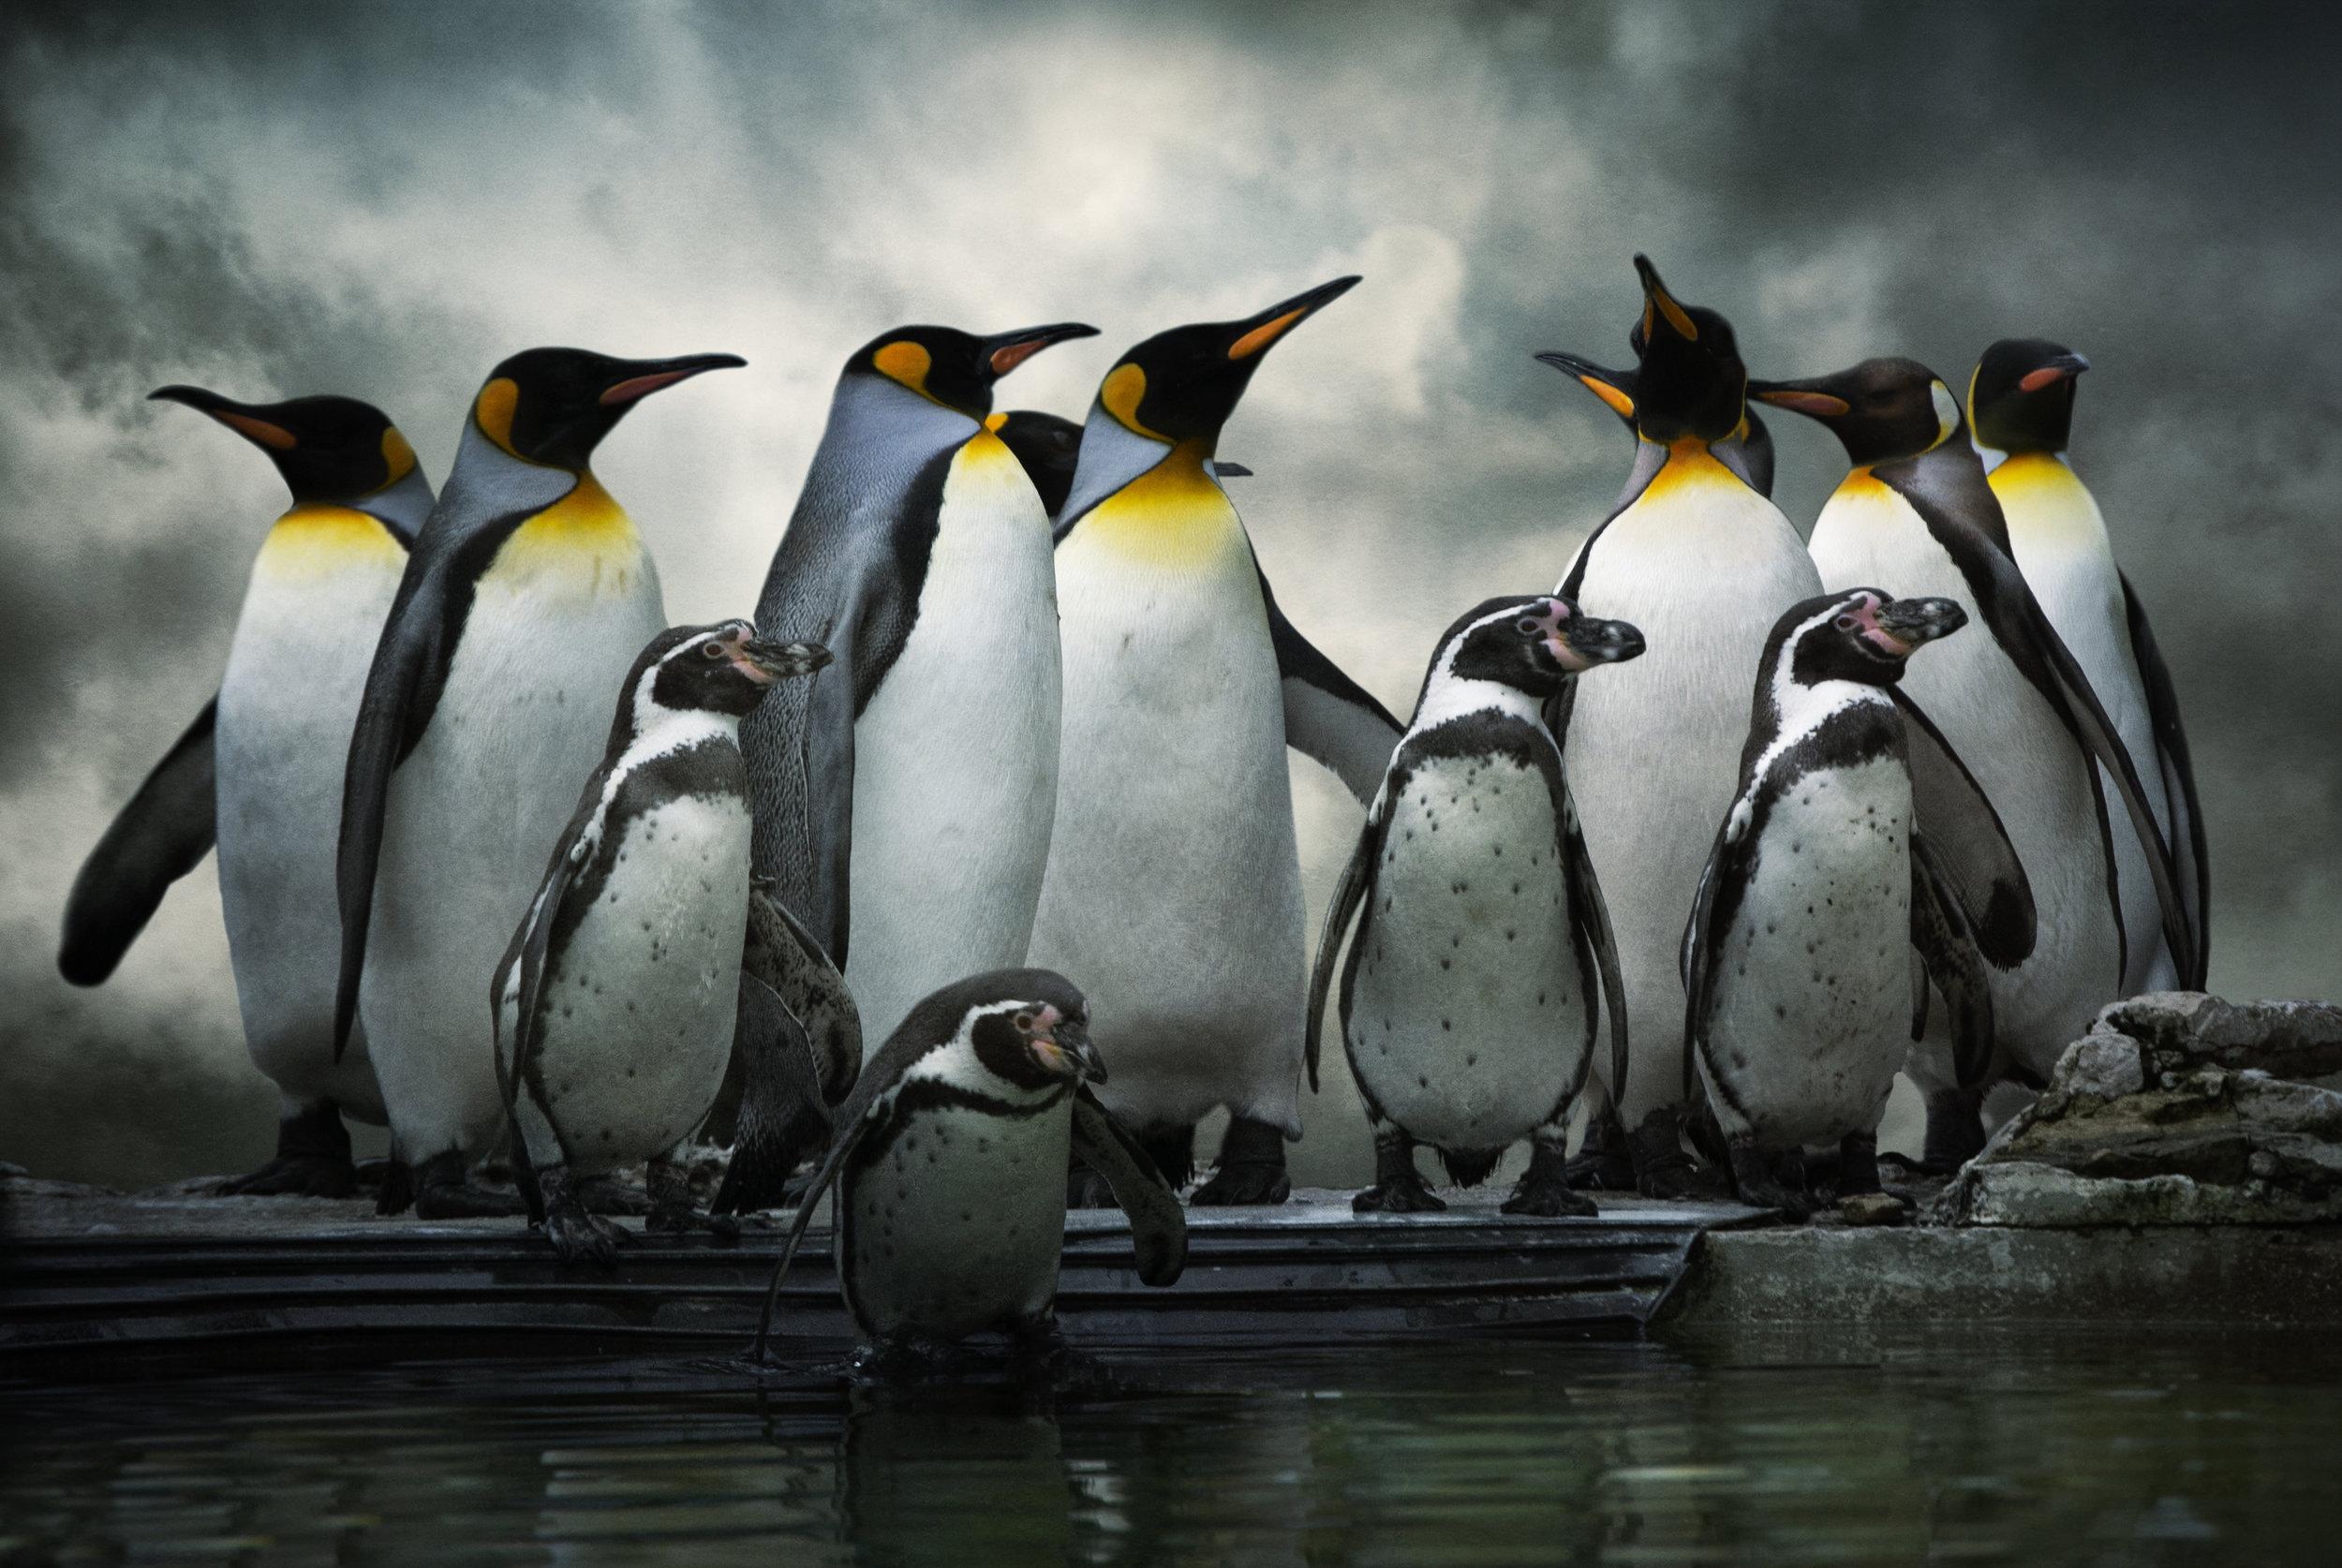 March of Penguins Antarctica shutterstock_140619154.jpg